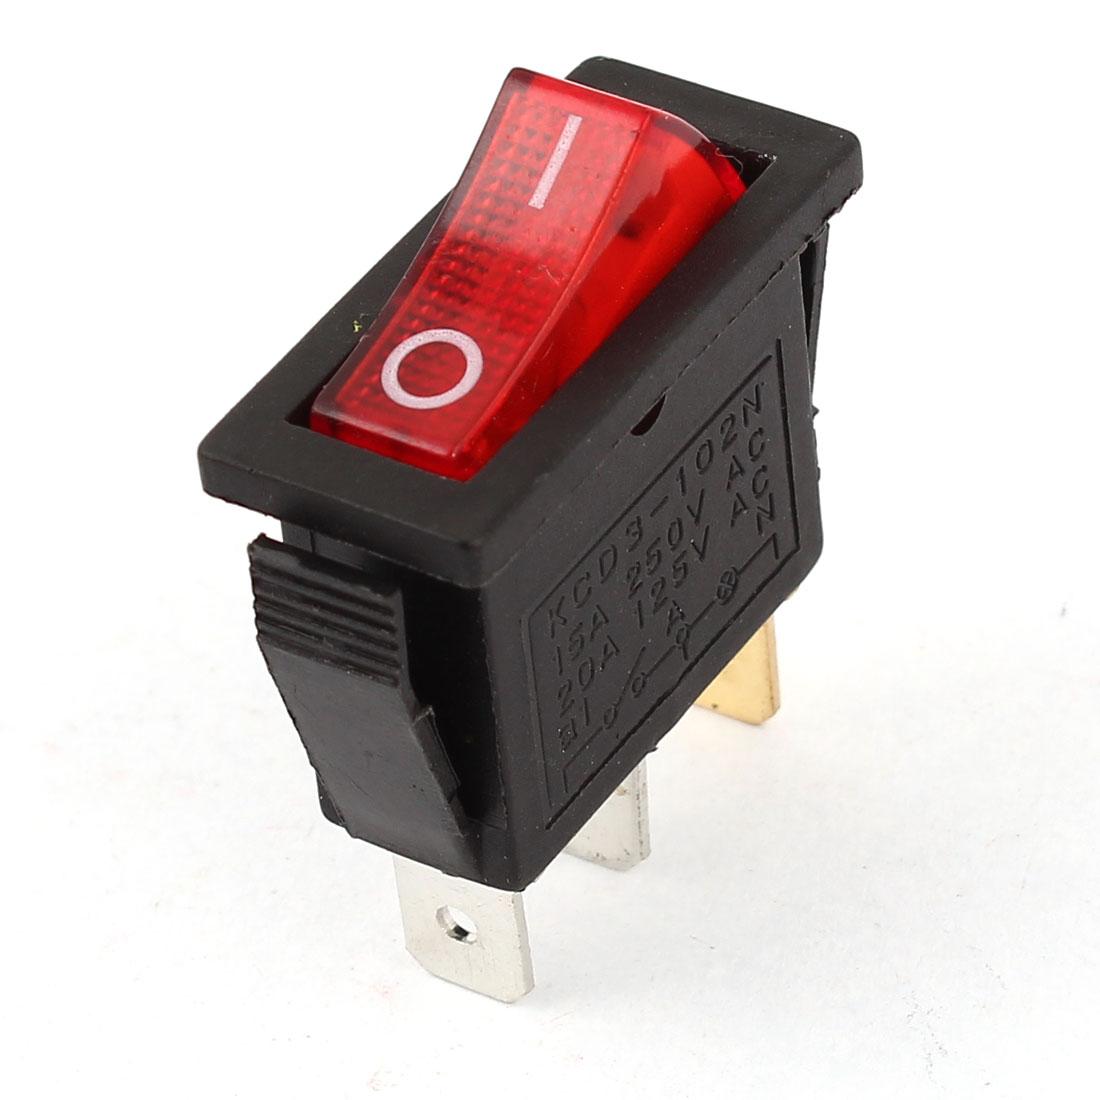 KCD3-102N Red Light SPST ON/OFF Rocker Switch AC 15A/250V 20A/125V